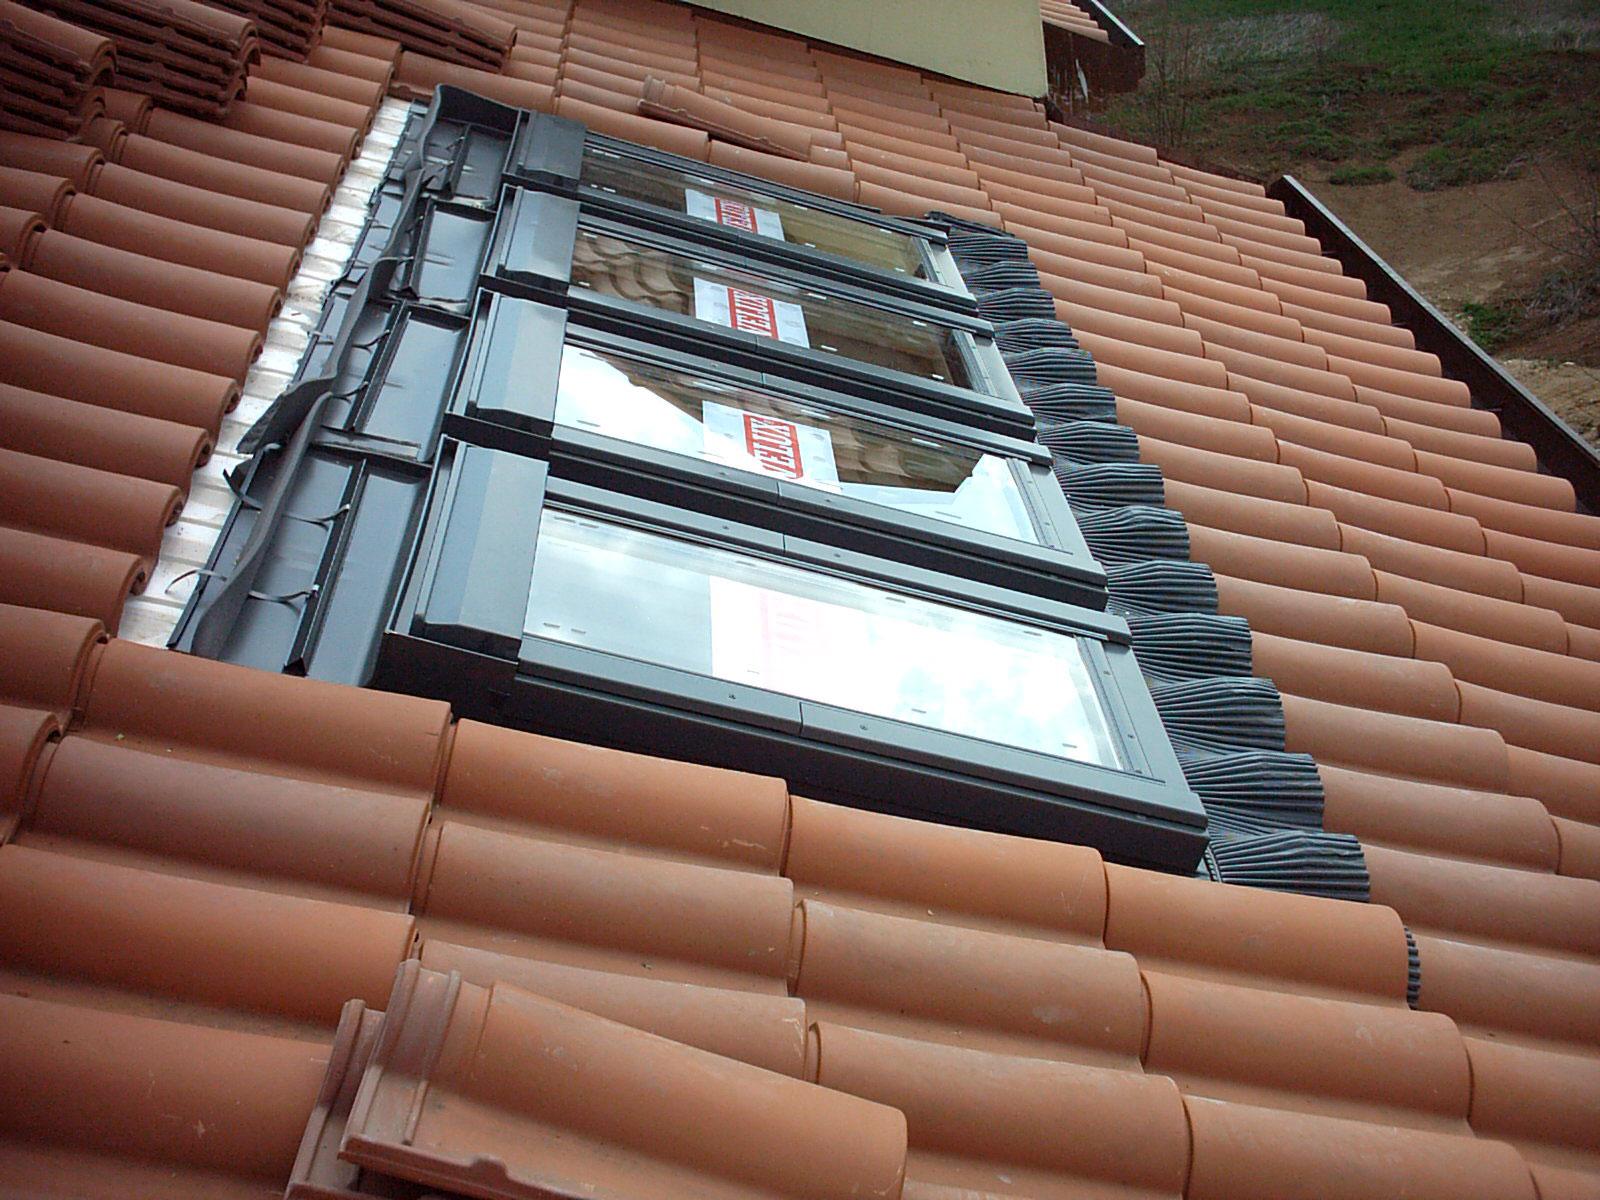 Velux e pozzi luce morenica coperture for Velux tetto